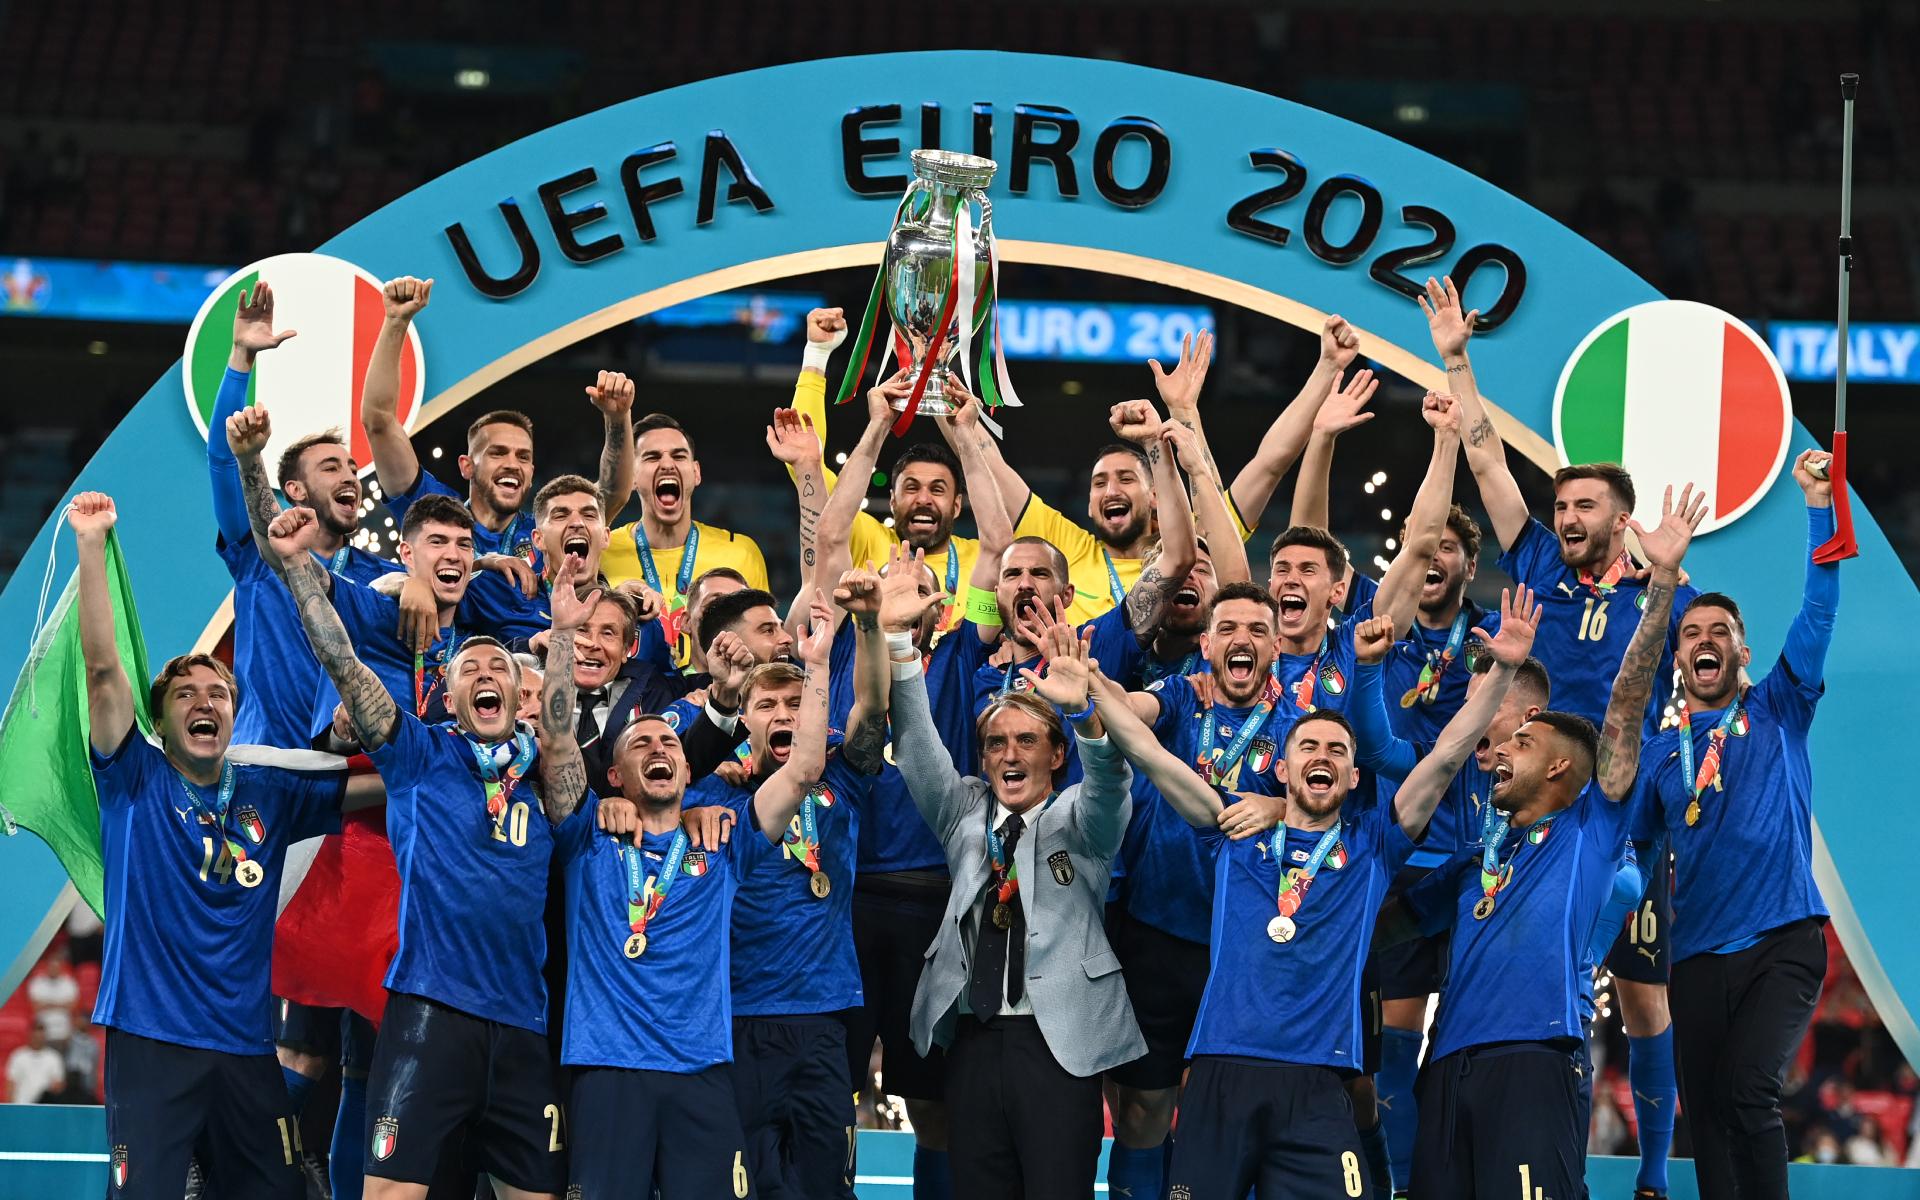 Фото: Сборная Италии — победитель Евро-2020  (Photo by Michael Regan/UEFA via Getty Images)